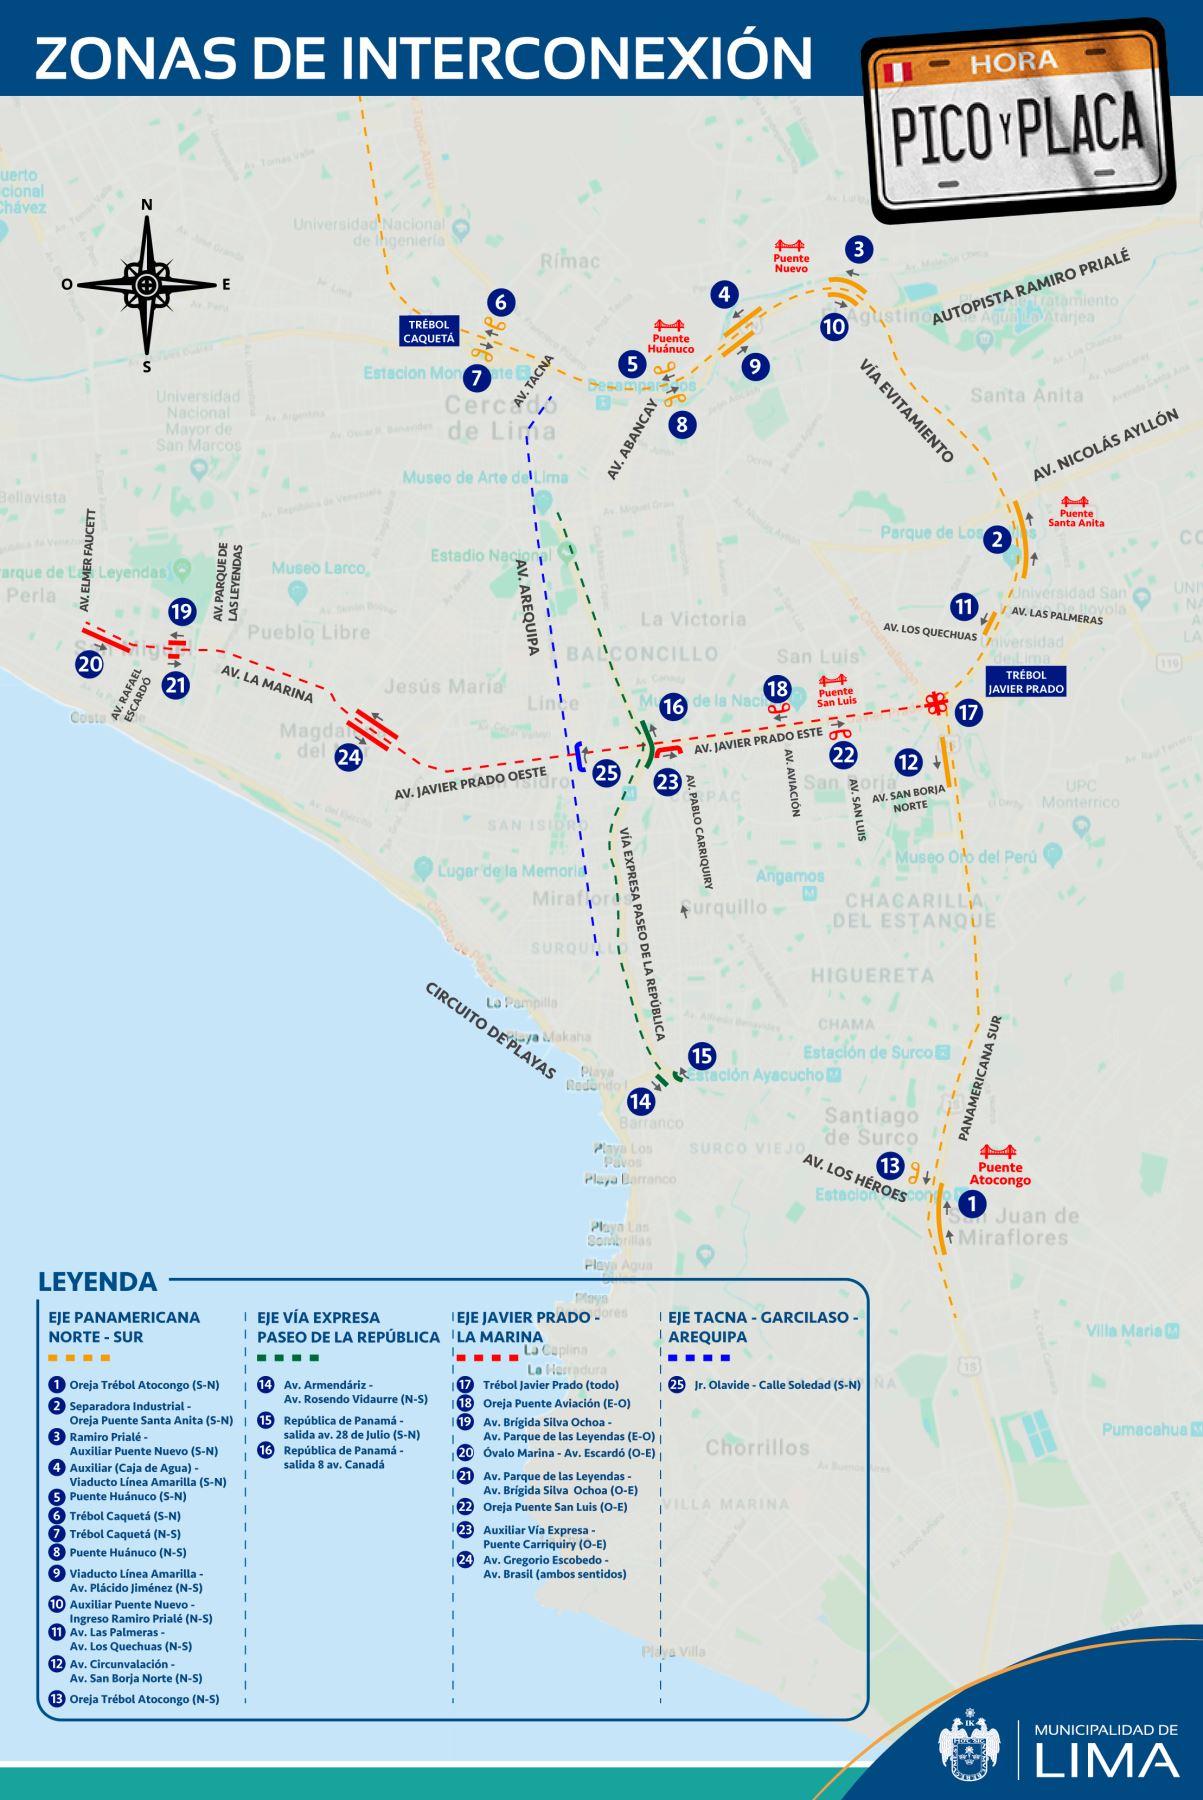 Municipalidad de Lima informa que son 25 zonas de interconexión en las que no se tomarán fotopapeletas.